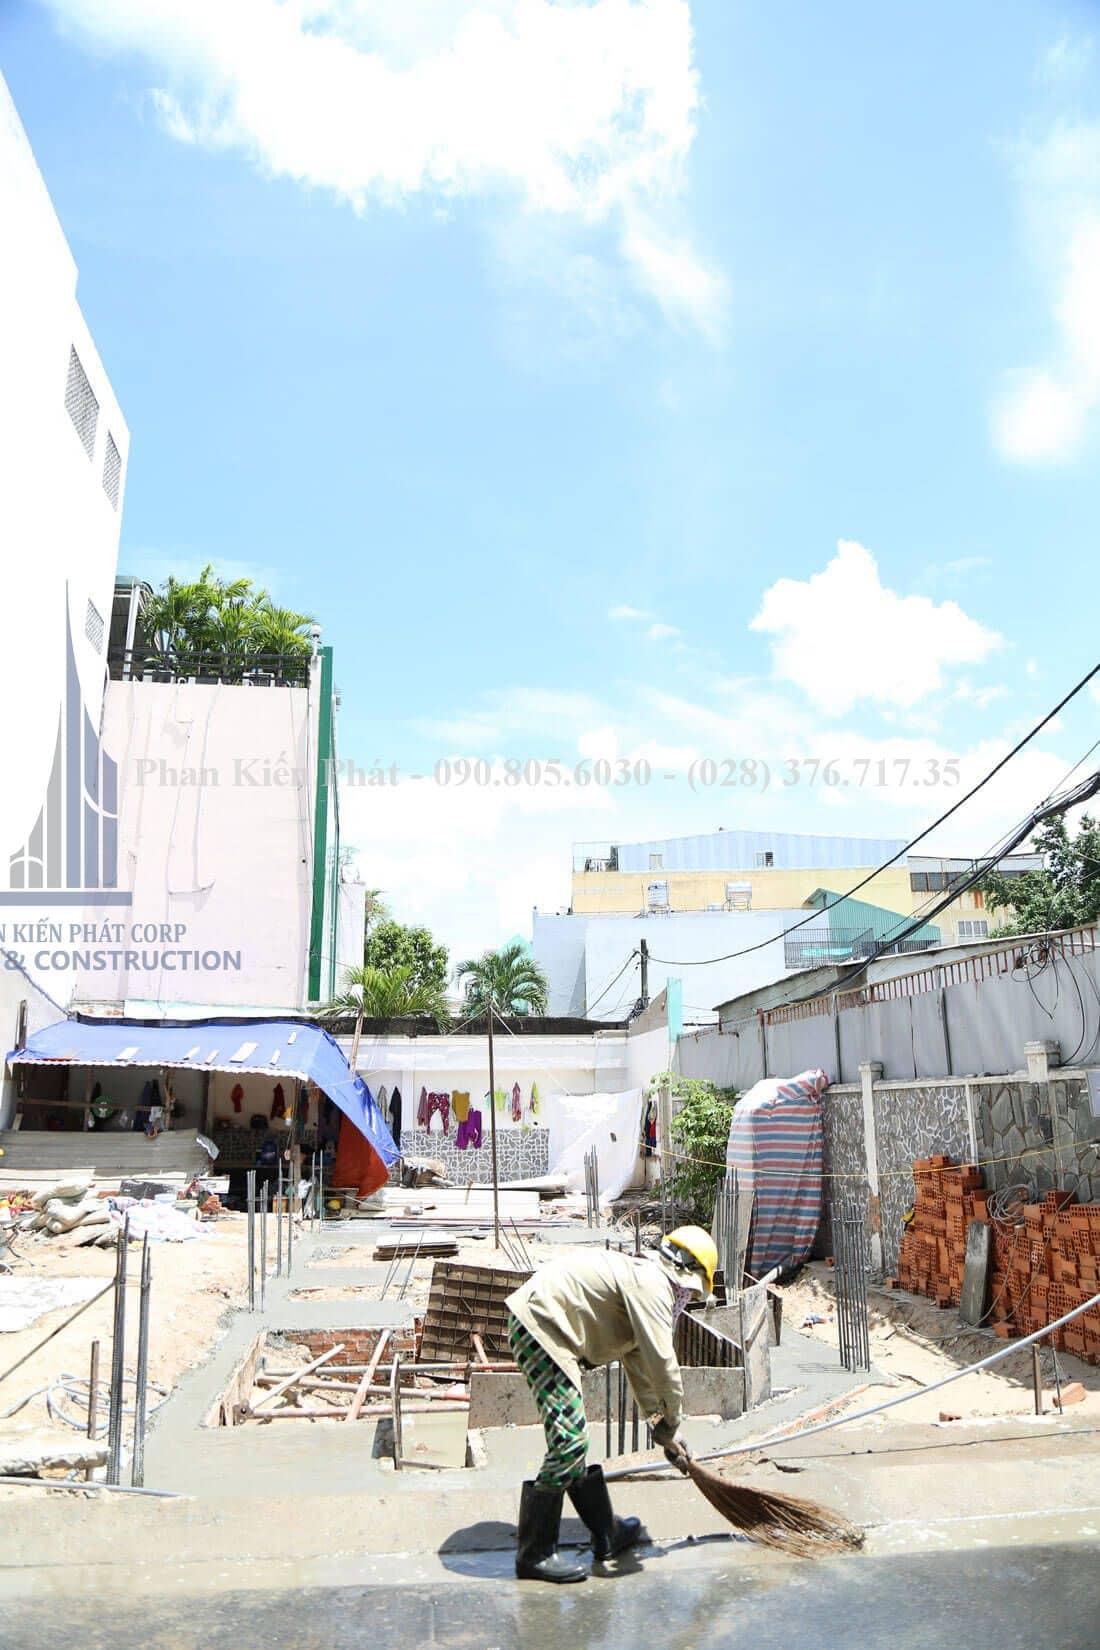 Thi công xây dựng nhà phố, nhà ống hiện đại view 3